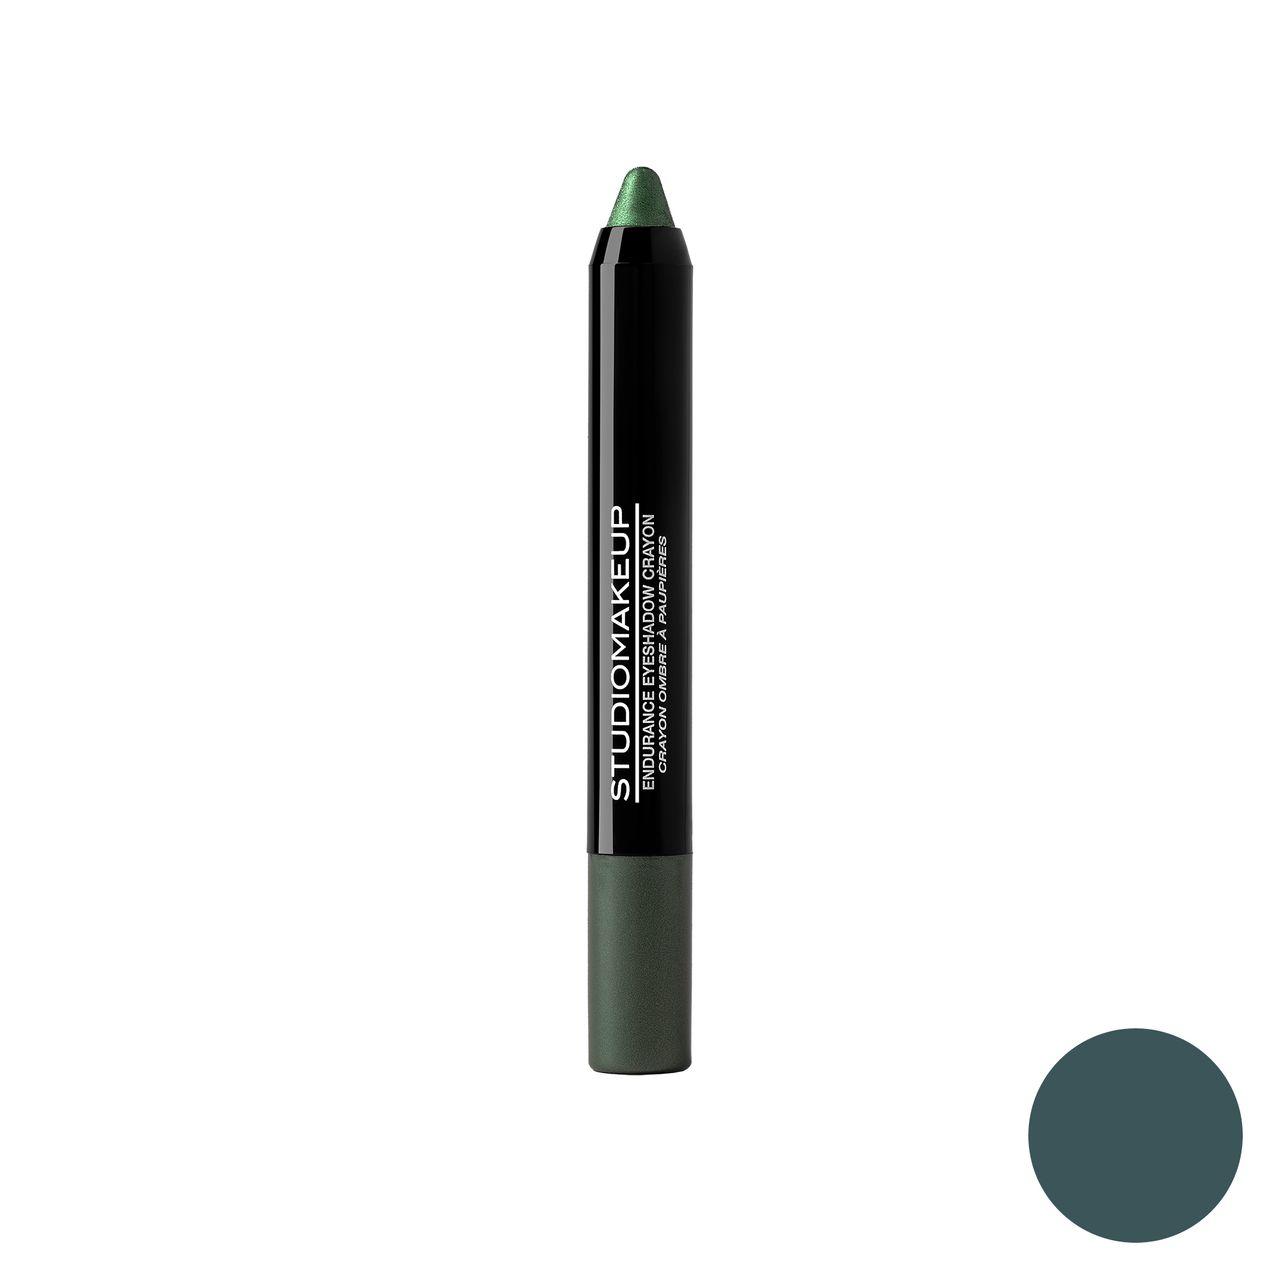 سایه چشم مدادی استودیو میکاپ مدل Endurance شماره 01